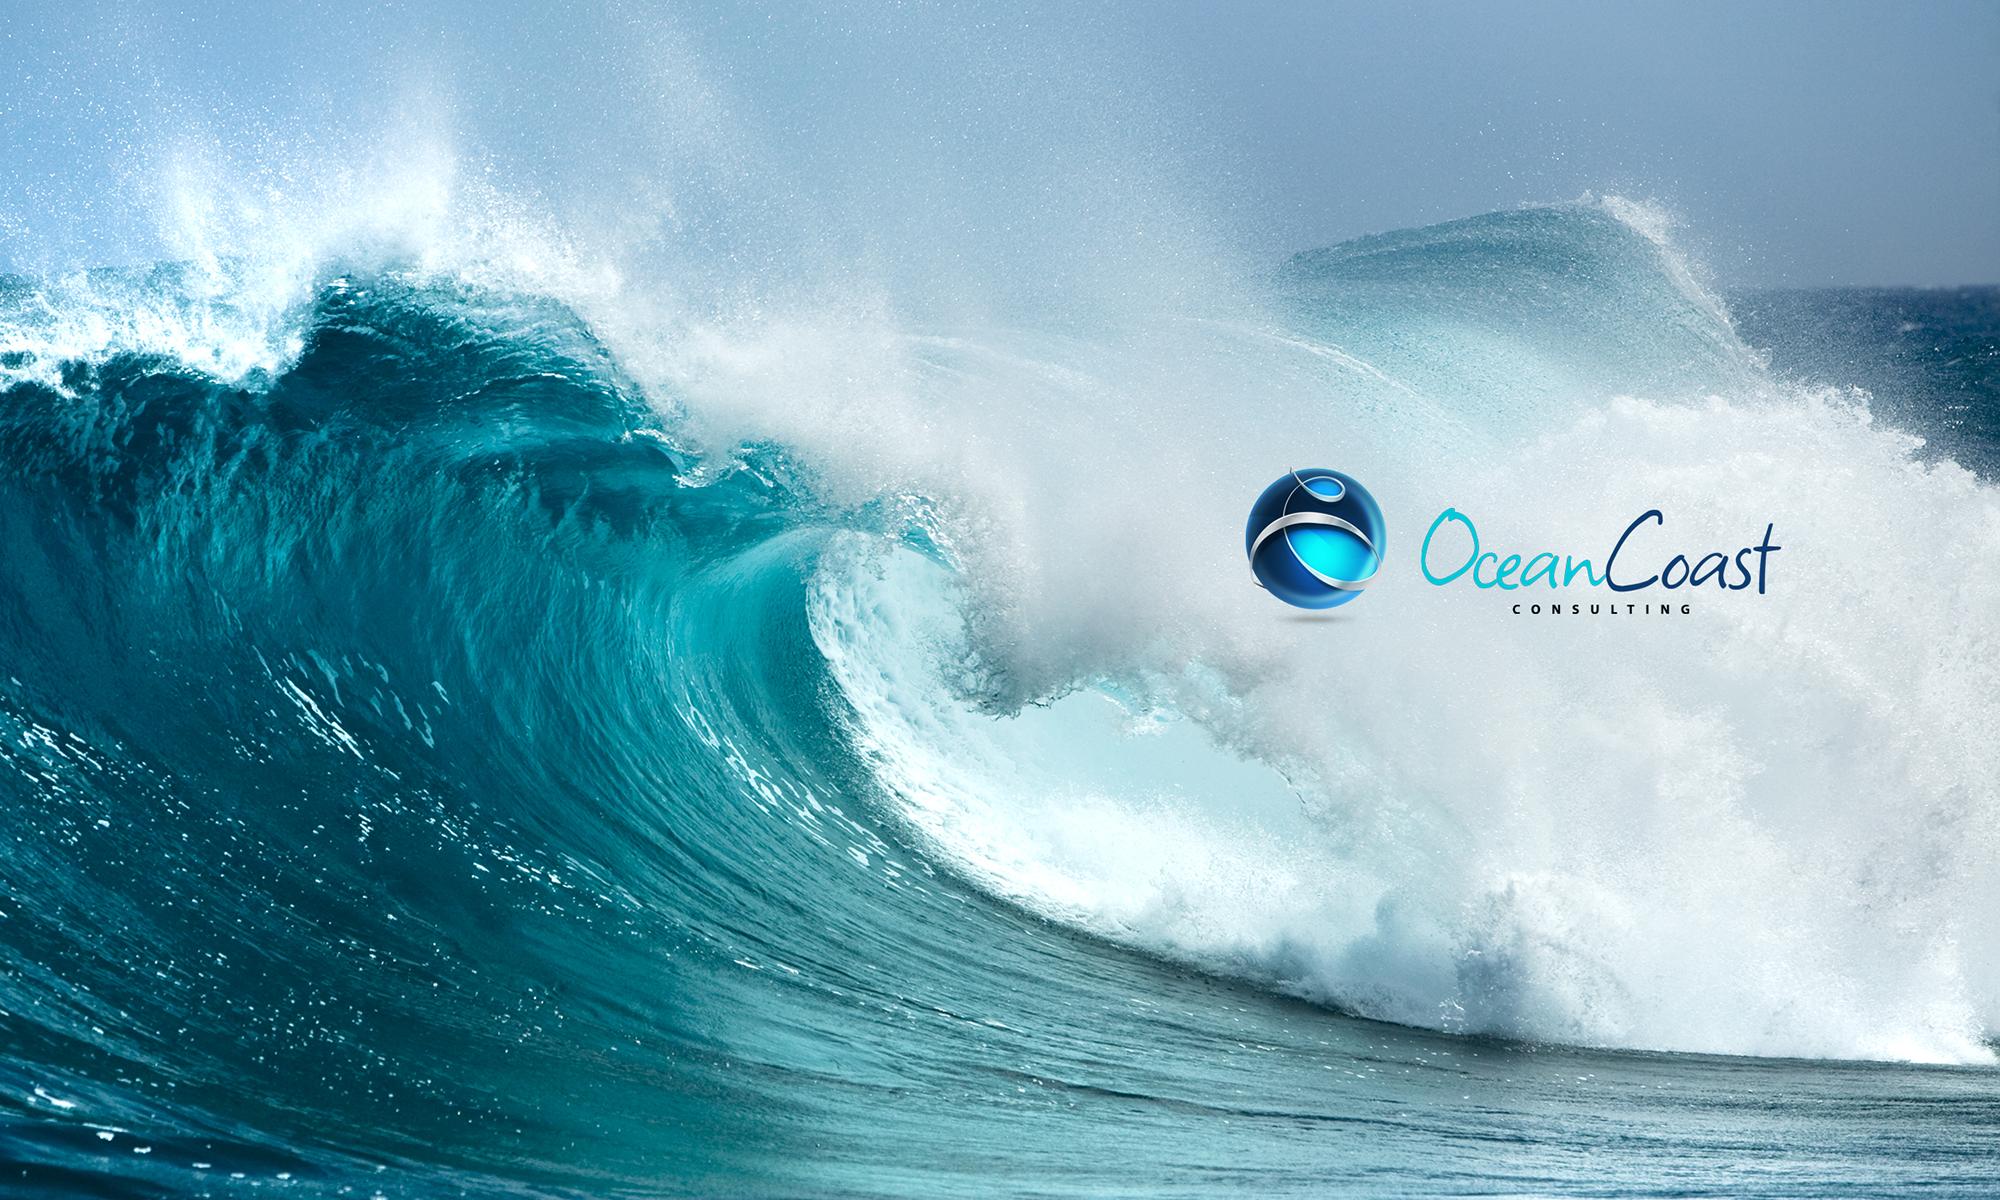 Ocean Coast Consulting